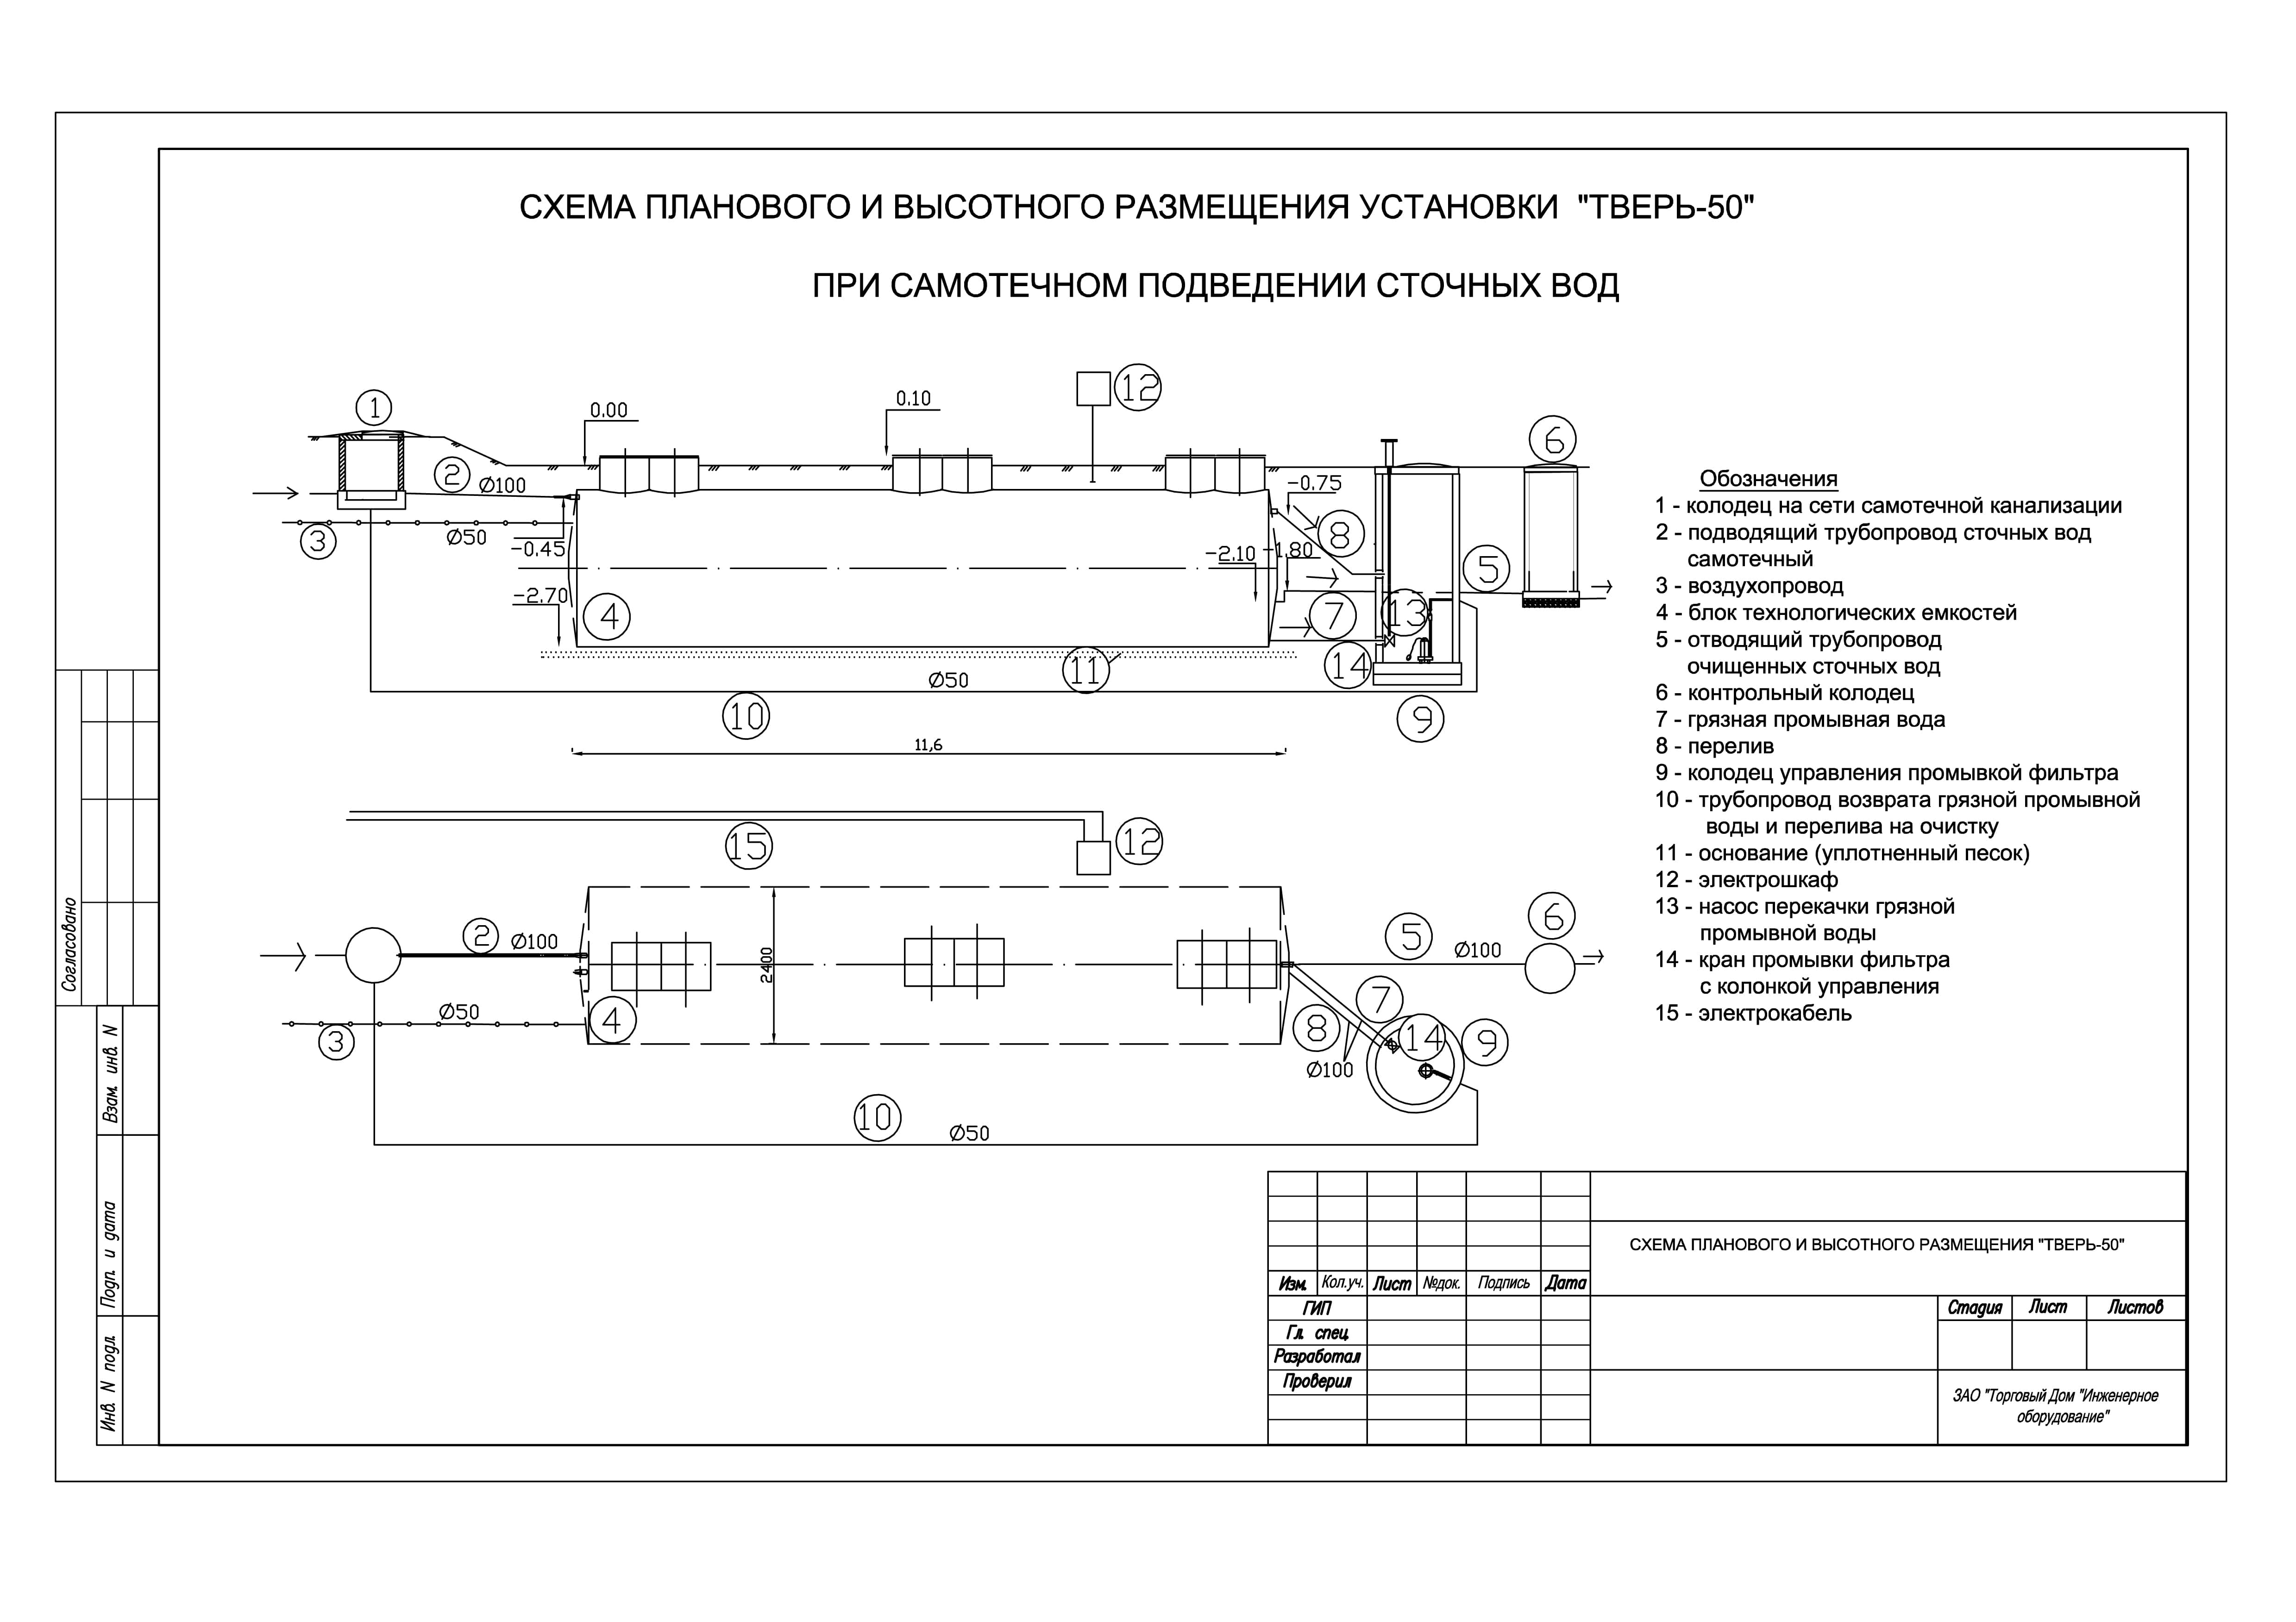 Очистное сооружение Тверь-50